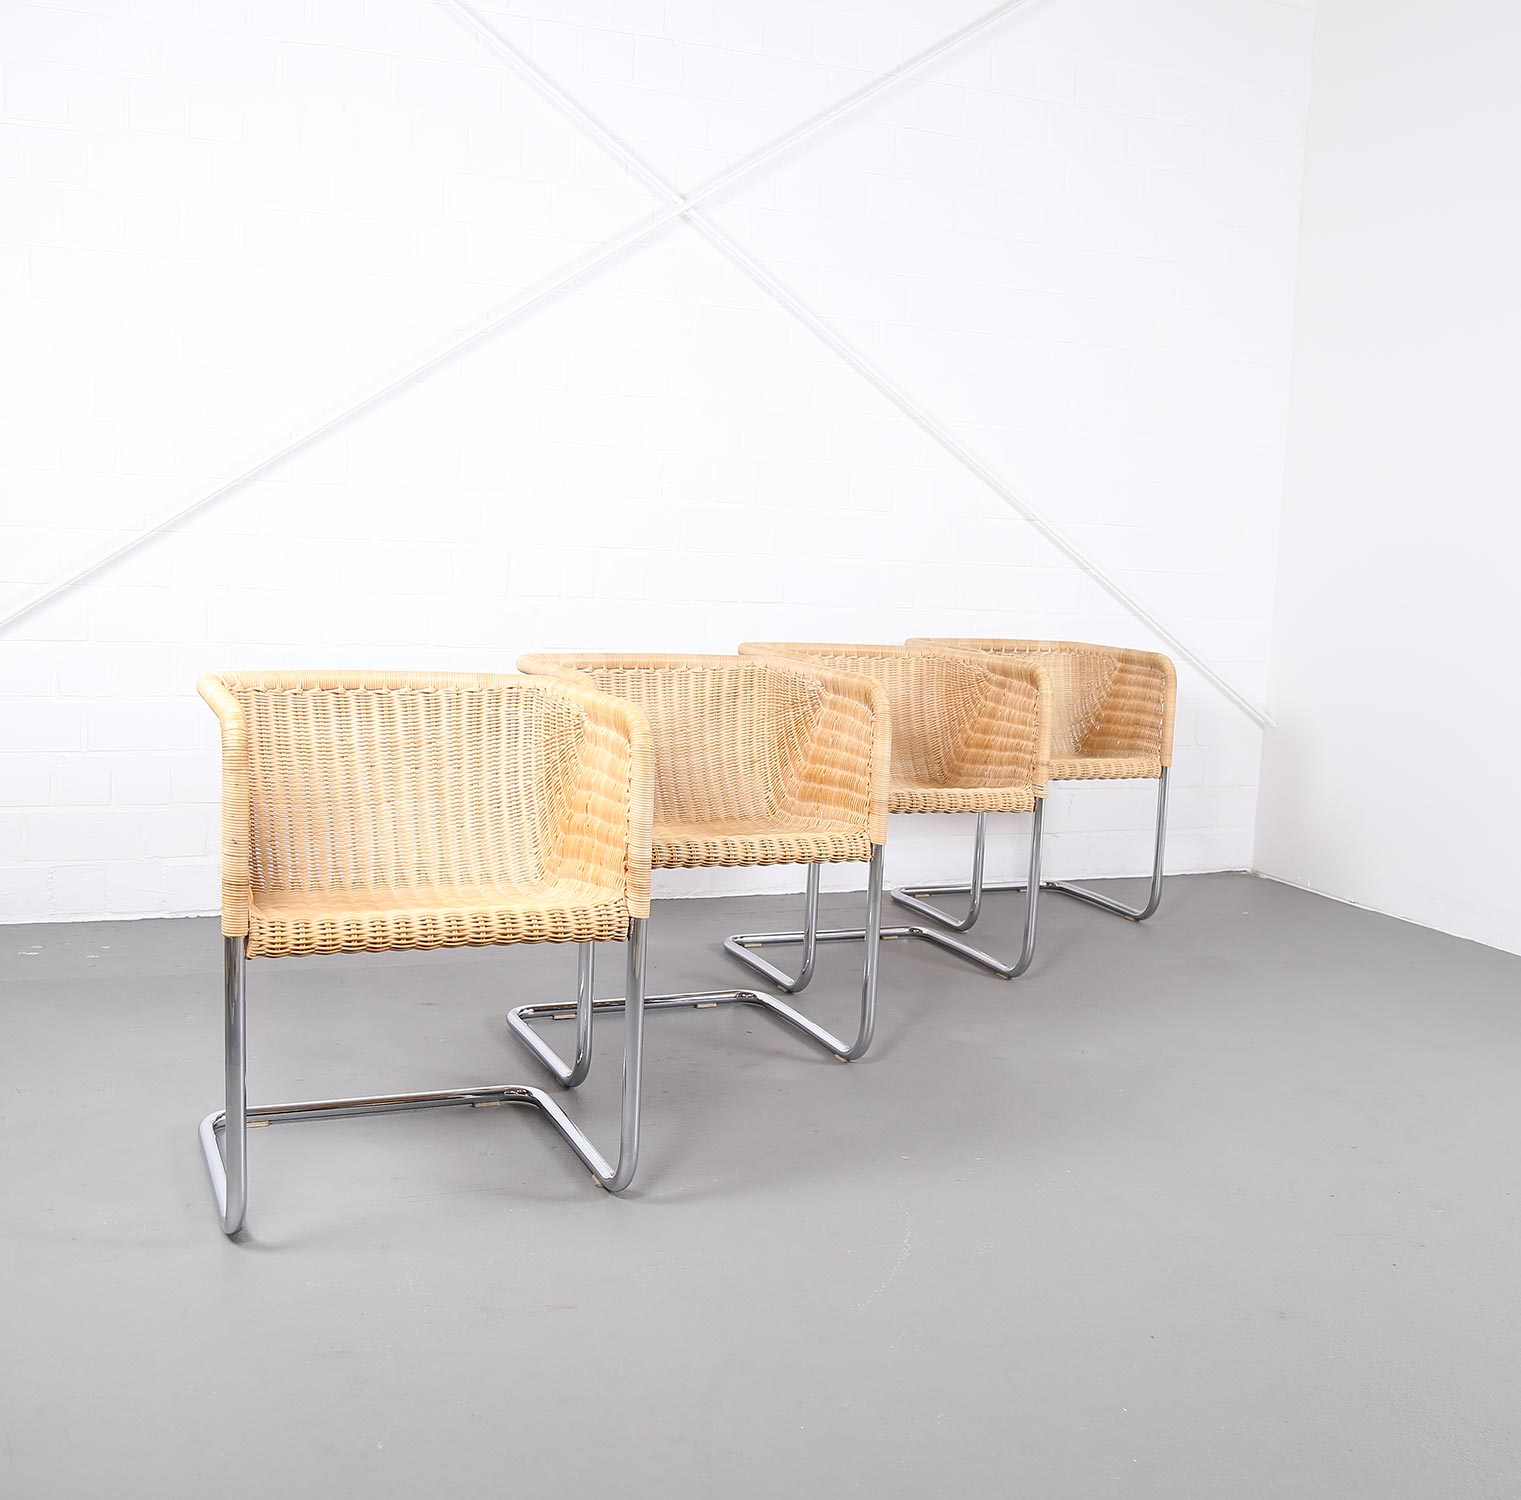 4er set freischwinger d43 stahlrohr von tecta bauhaus mart stam marcelbreuer ra ebay. Black Bedroom Furniture Sets. Home Design Ideas